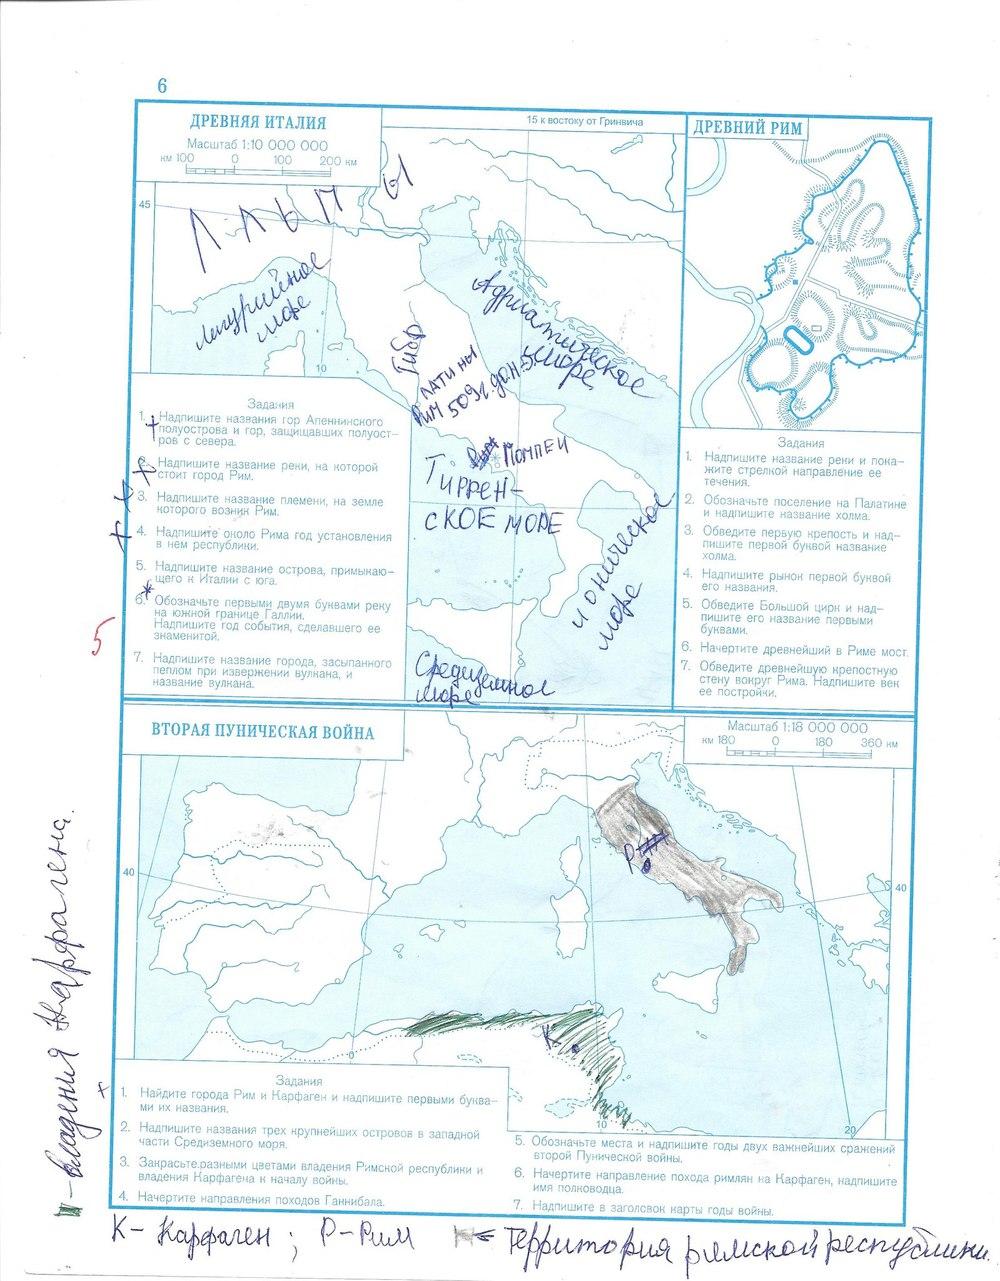 Решебник тетрадь атлас древнего класс 5 мира история